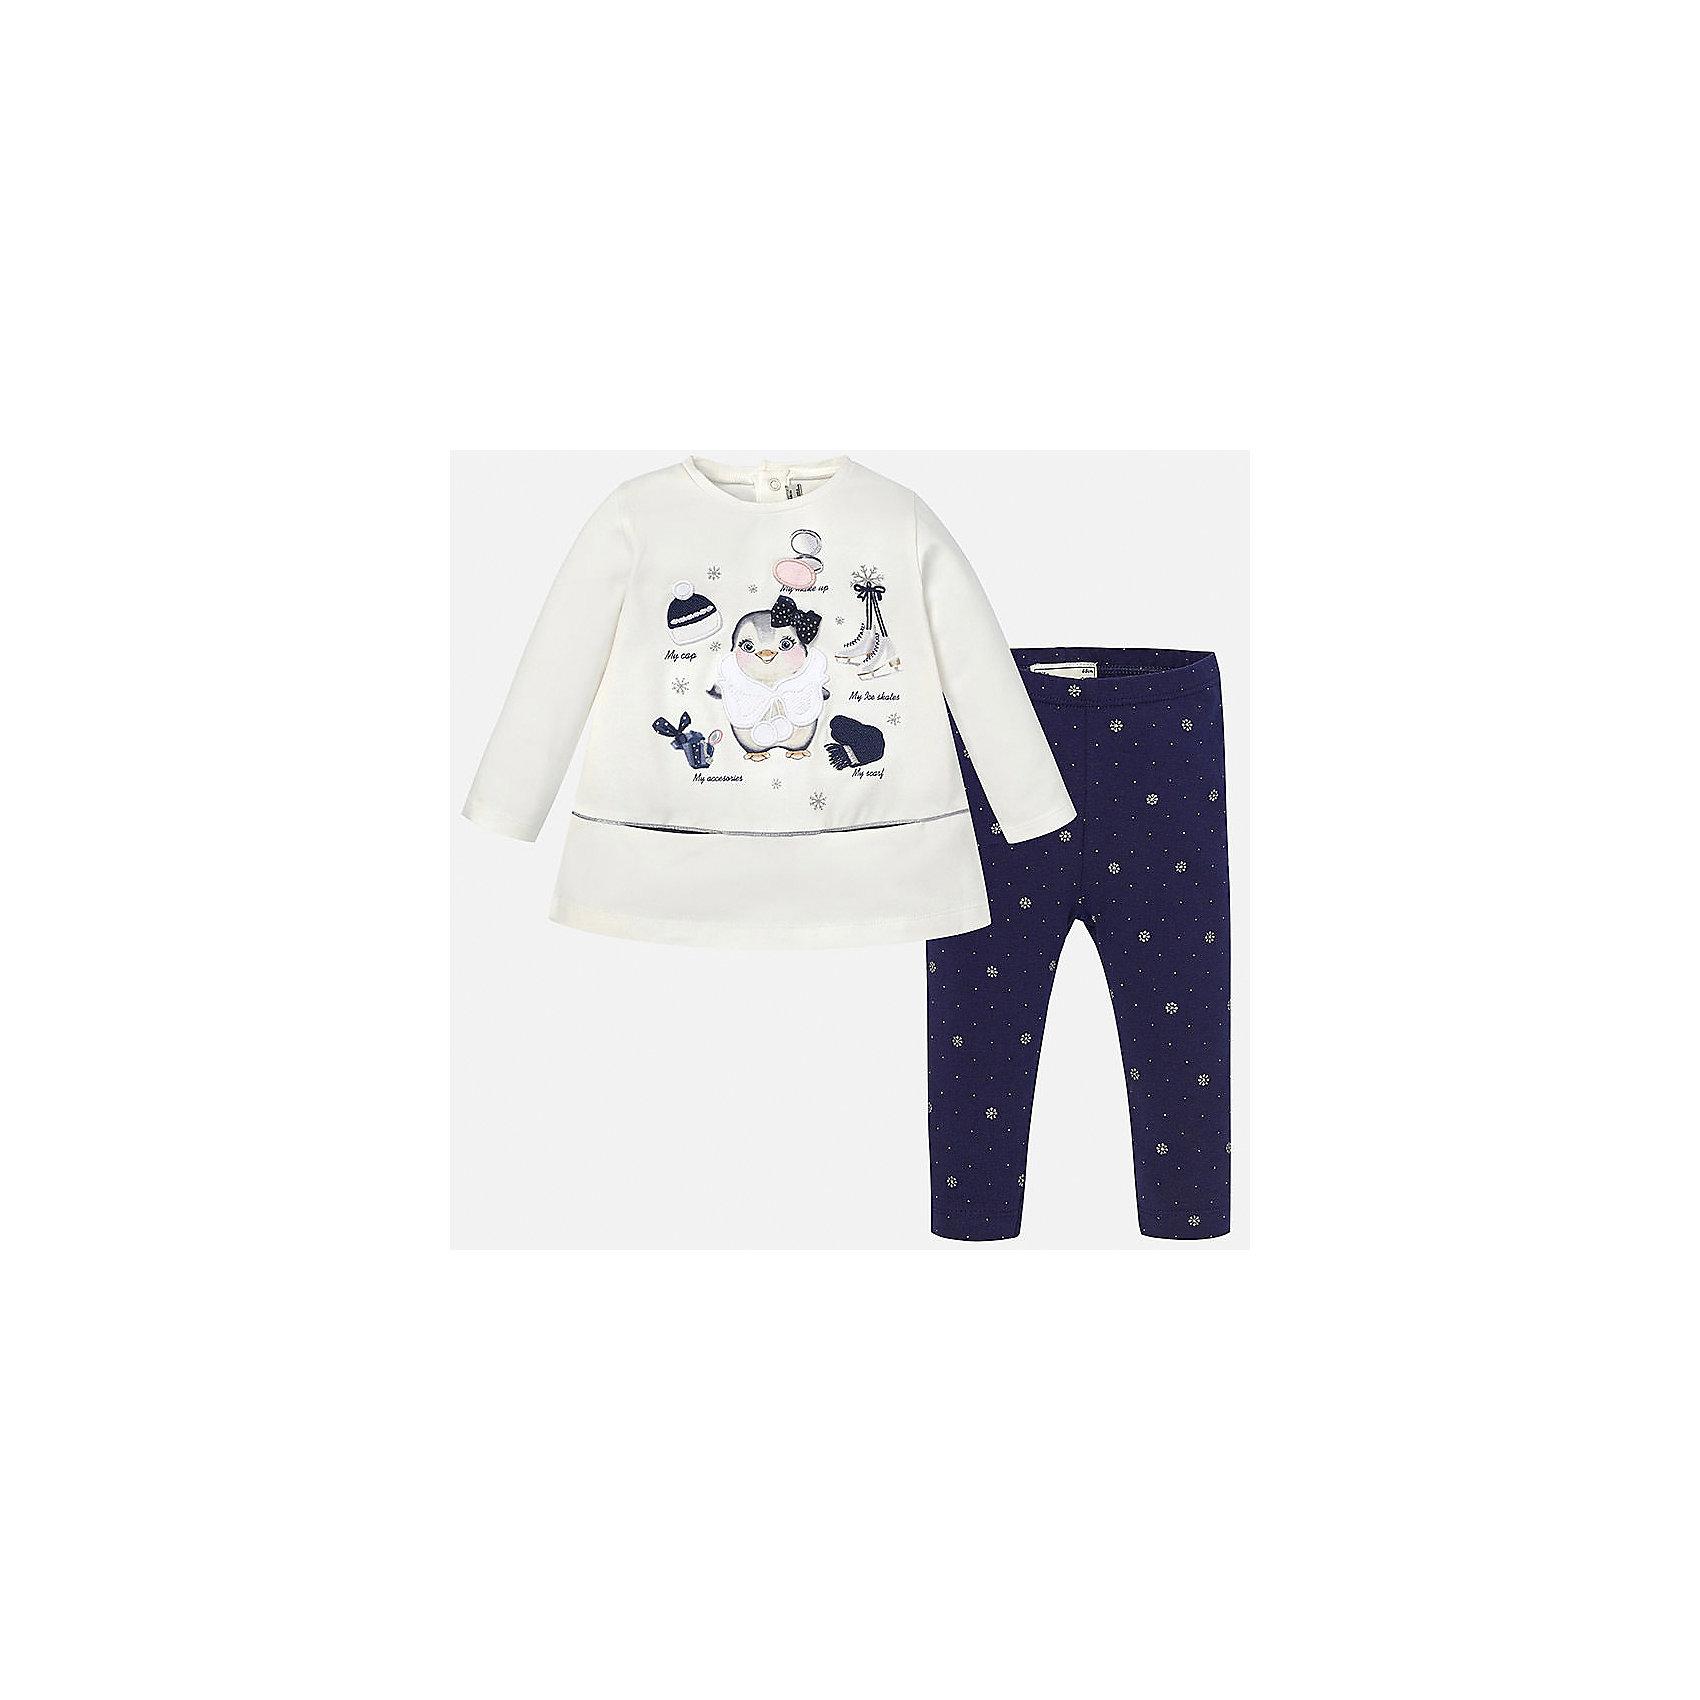 Комплект:футболка и леггинсы для девочки MayoralКомплекты<br>Очень красивый комплект от испанского Майорал-Mayoral доставит ребенку много приятных минут. Качественные ткани, безупречное исполнение. Данная модель в центре модных тенденции. Комплект состоит из модной футболки с длинными рукавами и практичных леггинсов темно-синего цвета. Мягкий лонгслив украшен изображением милого пингвинчика зимой. Эластичные леггинсы украшены маленкими снежинками и точками, дополнены удобной широкой резинкой на поясе. Займет достойное место в гардеробе Вашей девочки.<br><br>Дополнительная информация:<br><br>- вид застежки: без застежки <br>- цвет: синий, белый<br>- тип карманов: втачные <br>- параметры брючин: ширина брючин – низ: 9 см; по внутреннему шву ; 21 см<br>- фактура материала: текстильный<br>- покрой: прямой<br>- состав: 92% хлопка; 8% эластан<br>- длина  изделия: верх 38 см. низ 31 см<br>- уход за вещами: бережная стирка при 30 градусах<br>- рисунок: с  рисунком<br>- материал: трикотаж<br>- назначение: повседневная<br>- сезон: круглогодичный<br>- пол: девочки<br>- страна бренда: Испания<br>- страна производитель:  Индия<br>- комплектация: лонгслив, леггинсы <br><br>комплект торговой марки  Майорал-Mayoral можно купить в нашем интернет магазине.<br><br>Ширина мм: 123<br>Глубина мм: 10<br>Высота мм: 149<br>Вес г: 209<br>Цвет: синий<br>Возраст от месяцев: 6<br>Возраст до месяцев: 9<br>Пол: Женский<br>Возраст: Детский<br>Размер: 74,92,80,86<br>SKU: 4846149